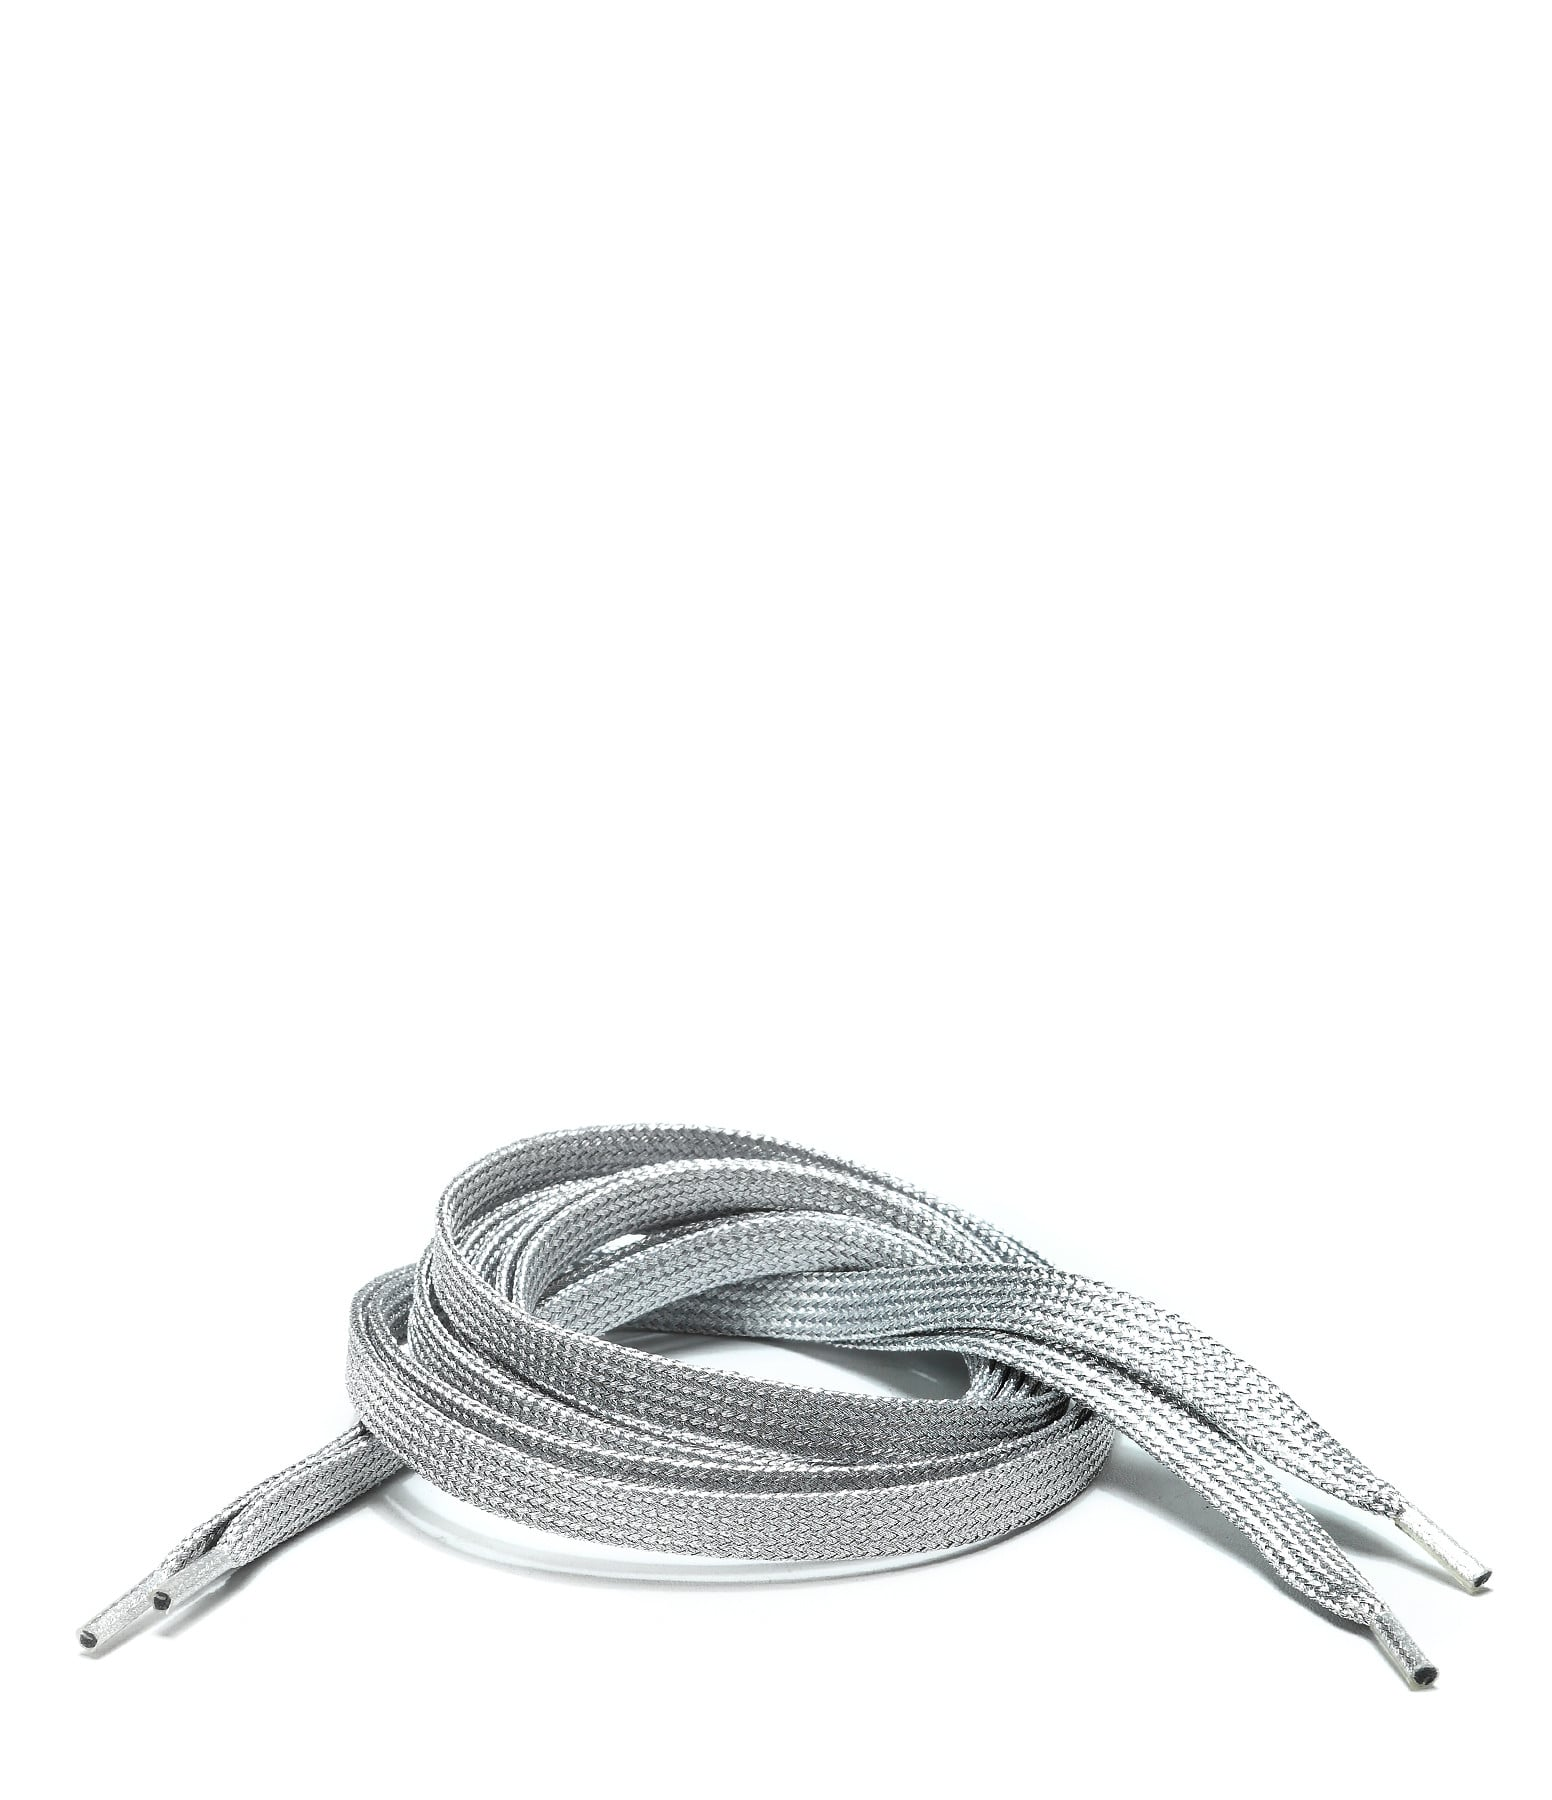 LULLI BASIC - Lacets Plats Argentés 115 cm